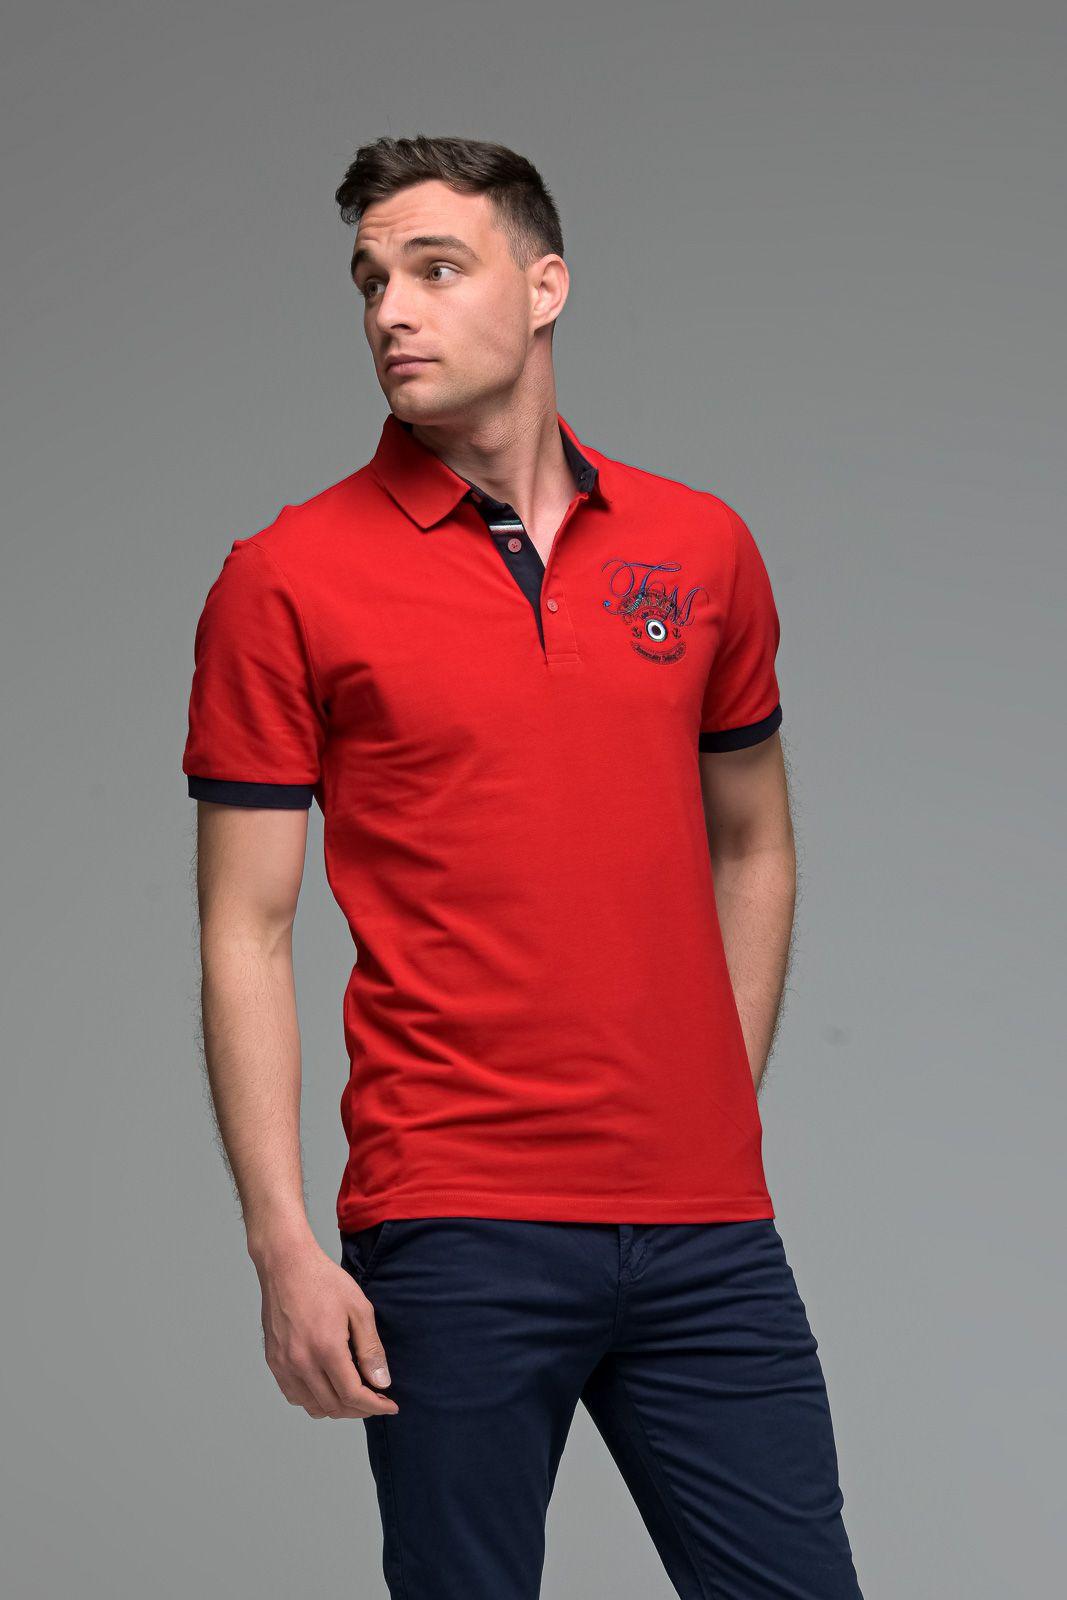 Κόκκινο Ανδρικό Πόλο Μπλουζάκι με Κέντημα